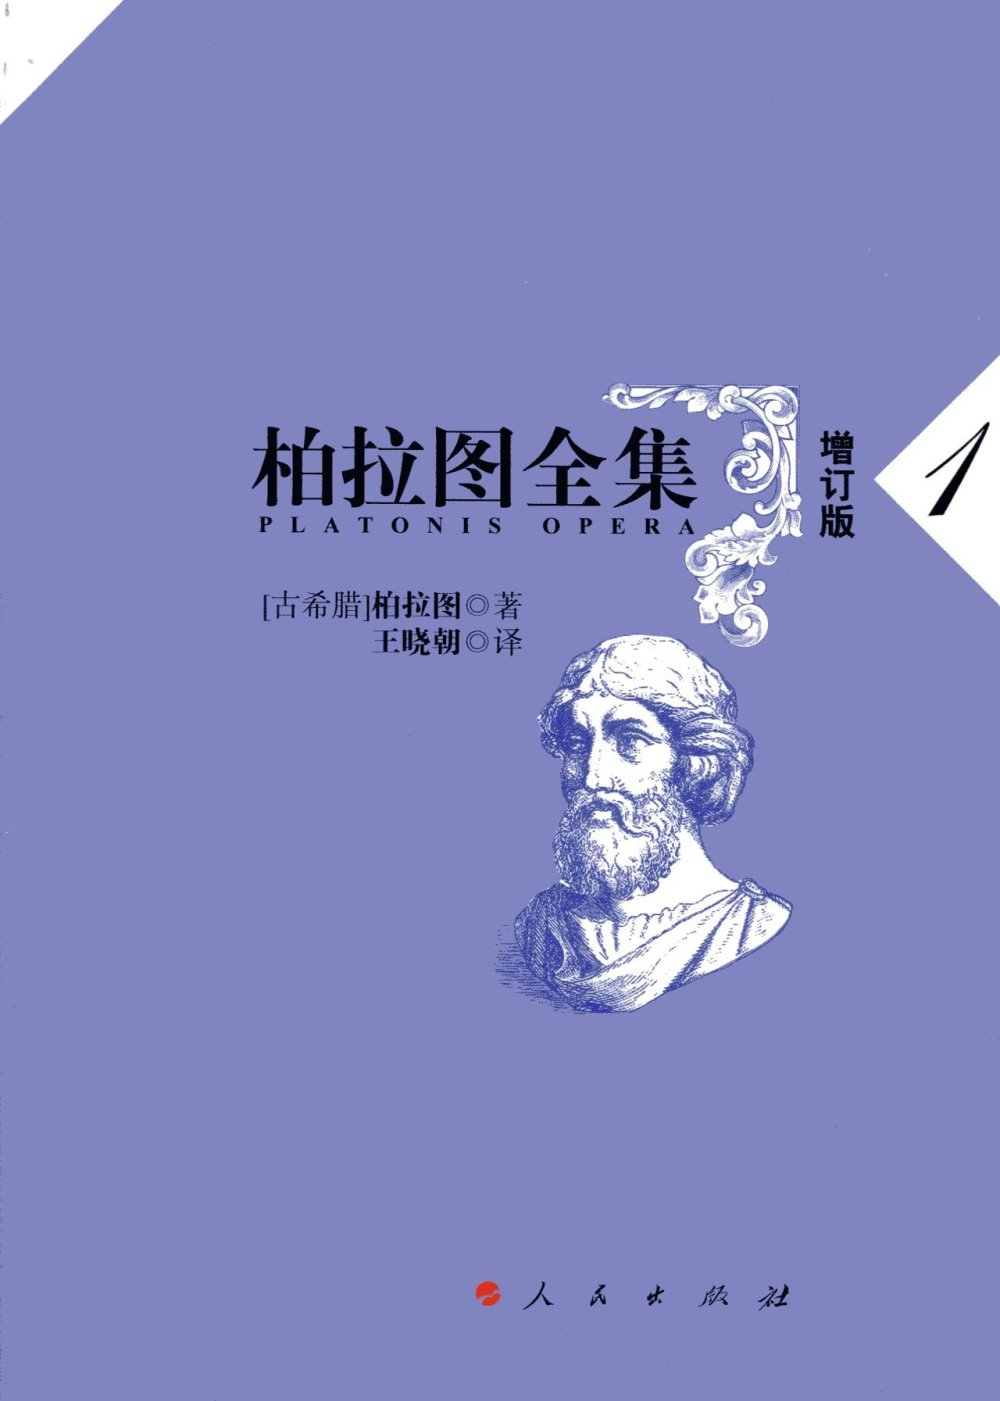 柏拉圖全集.1(增訂版)